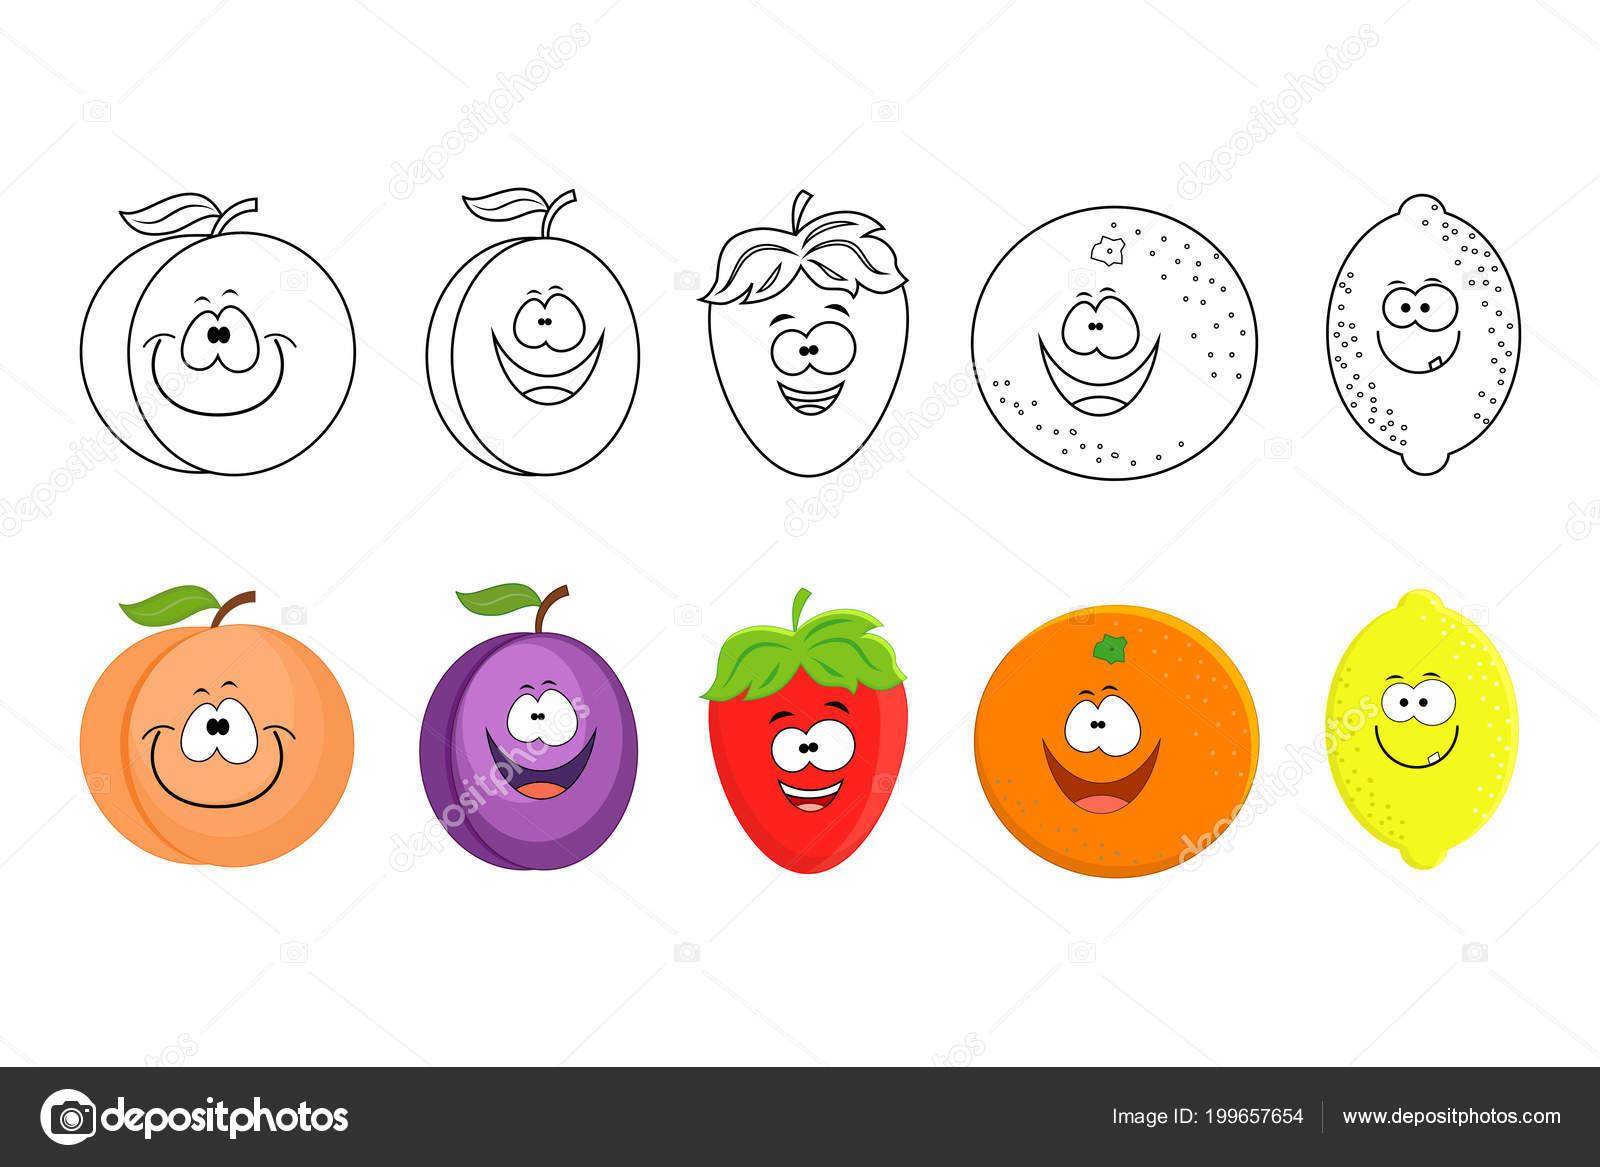 çizgi Film Meyve Kümesi çocuklar Için Boyama Kitabı Sayfaları